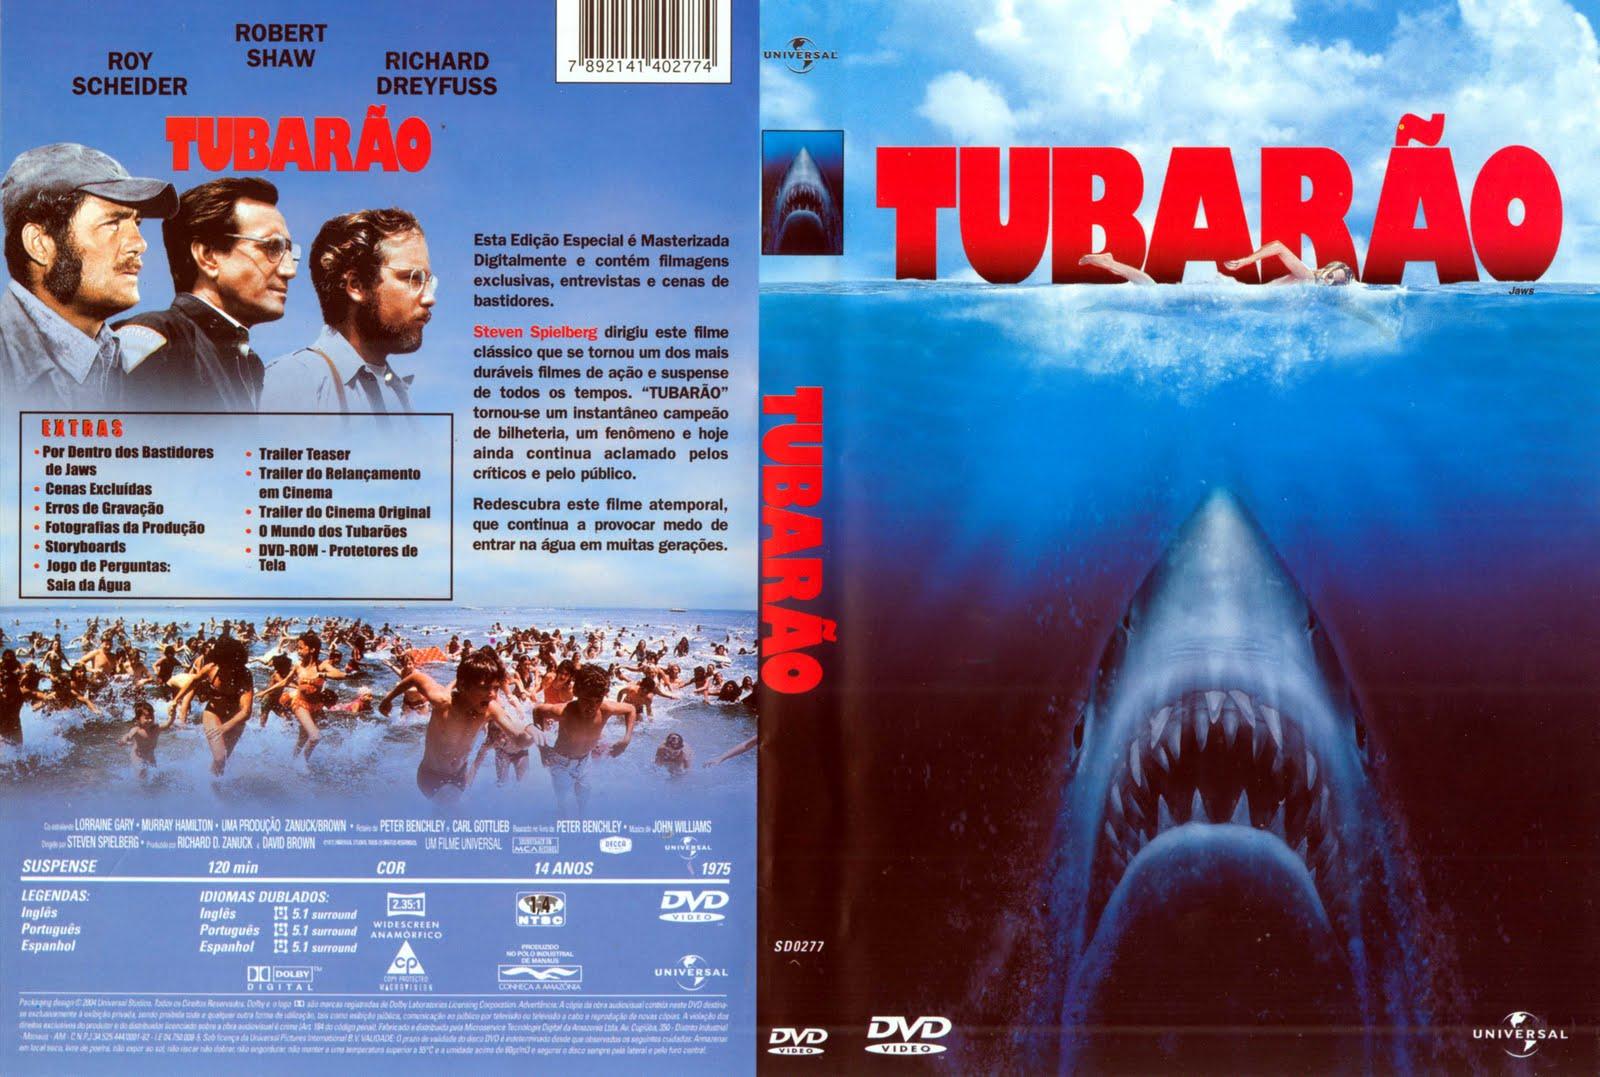 Quadrilogia Tubarão DVDRip XviD + RMVB Dual Audio e Dublado Tubar 25C3 25A3o